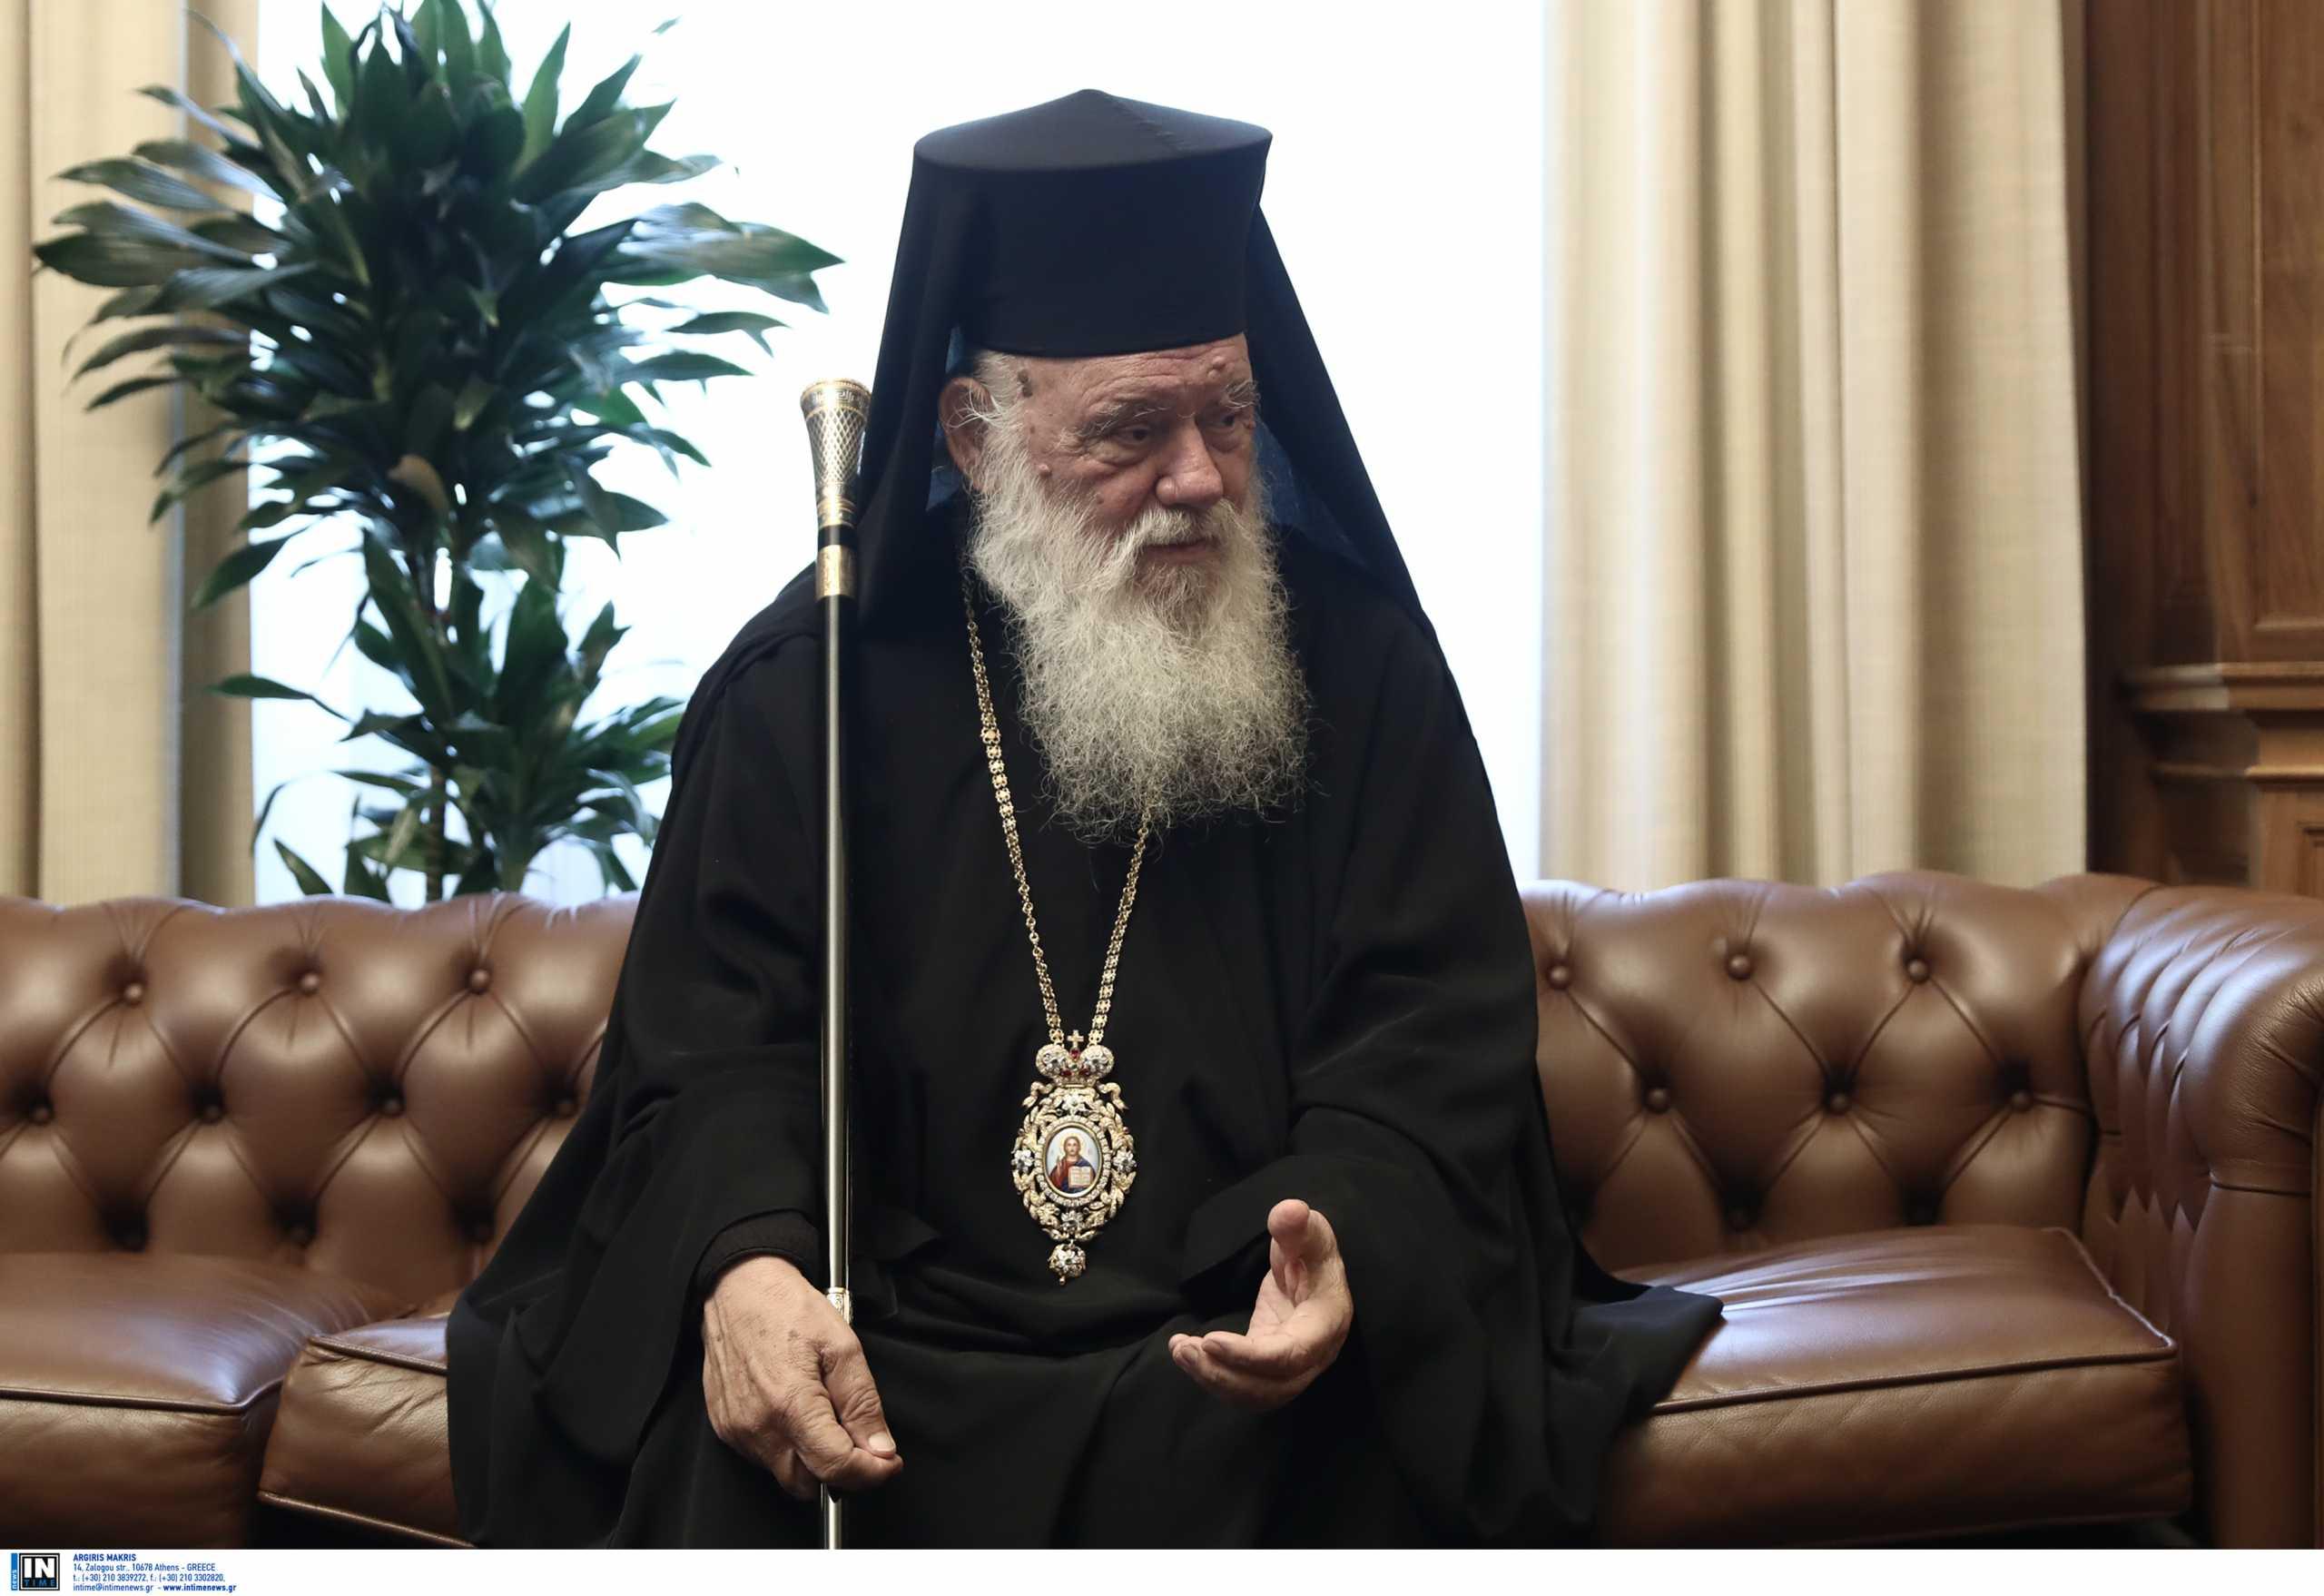 Αρχιεπίσκοπος Ιερώνυμος: Ο εμβολιασμός είναι πράξη χριστιανικής αλληλεγγύης και αγάπης